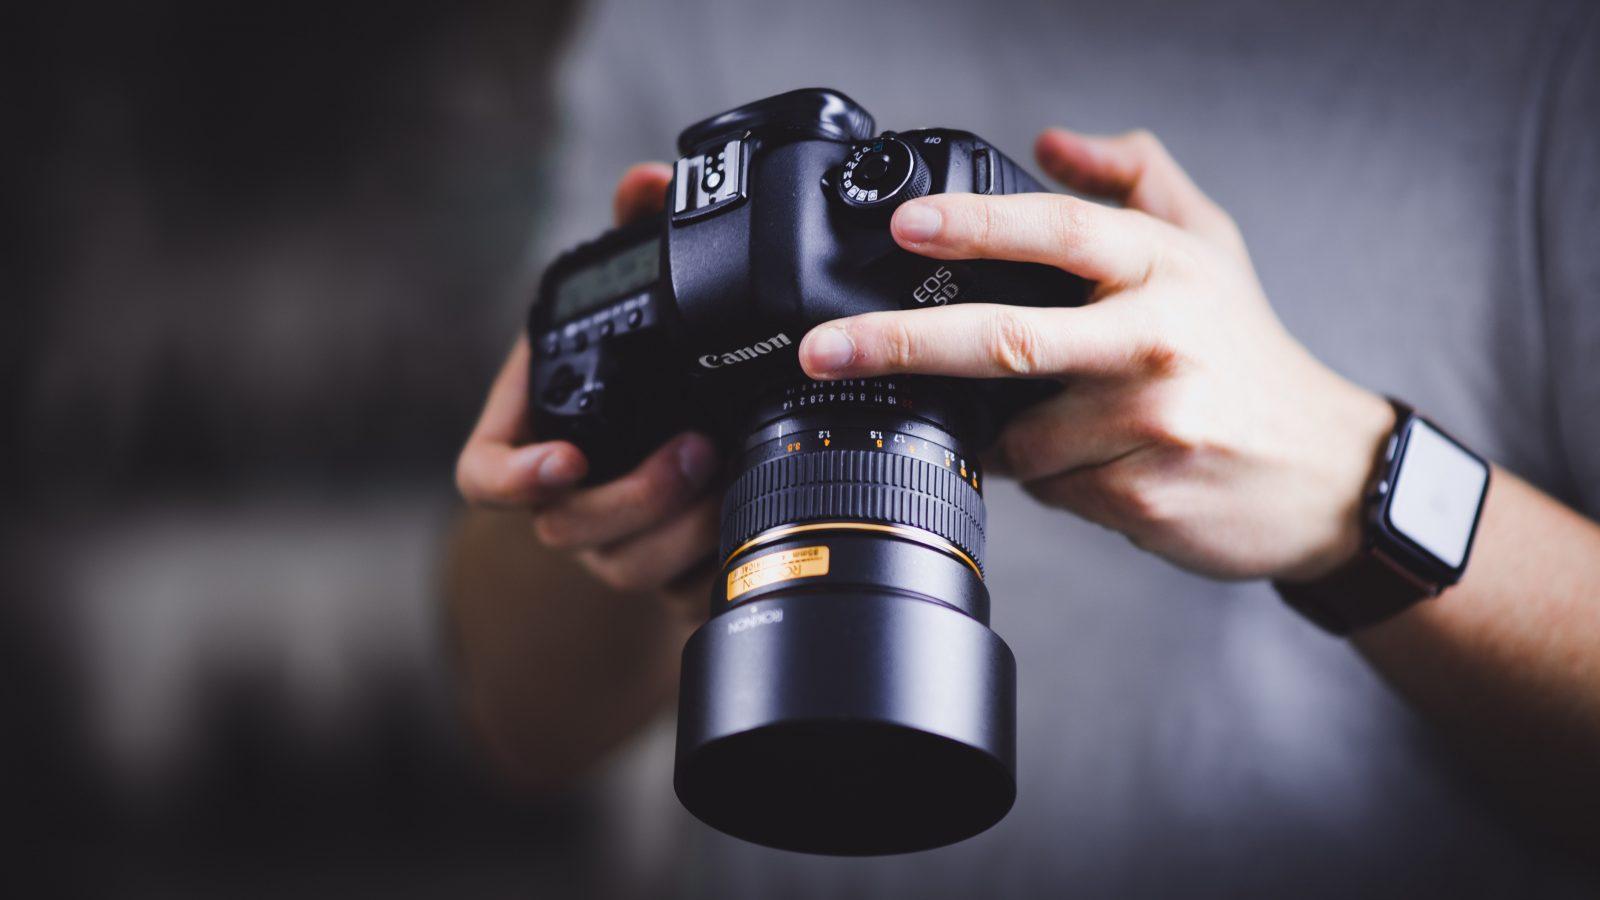 Programma unico in fotografia e videomaking